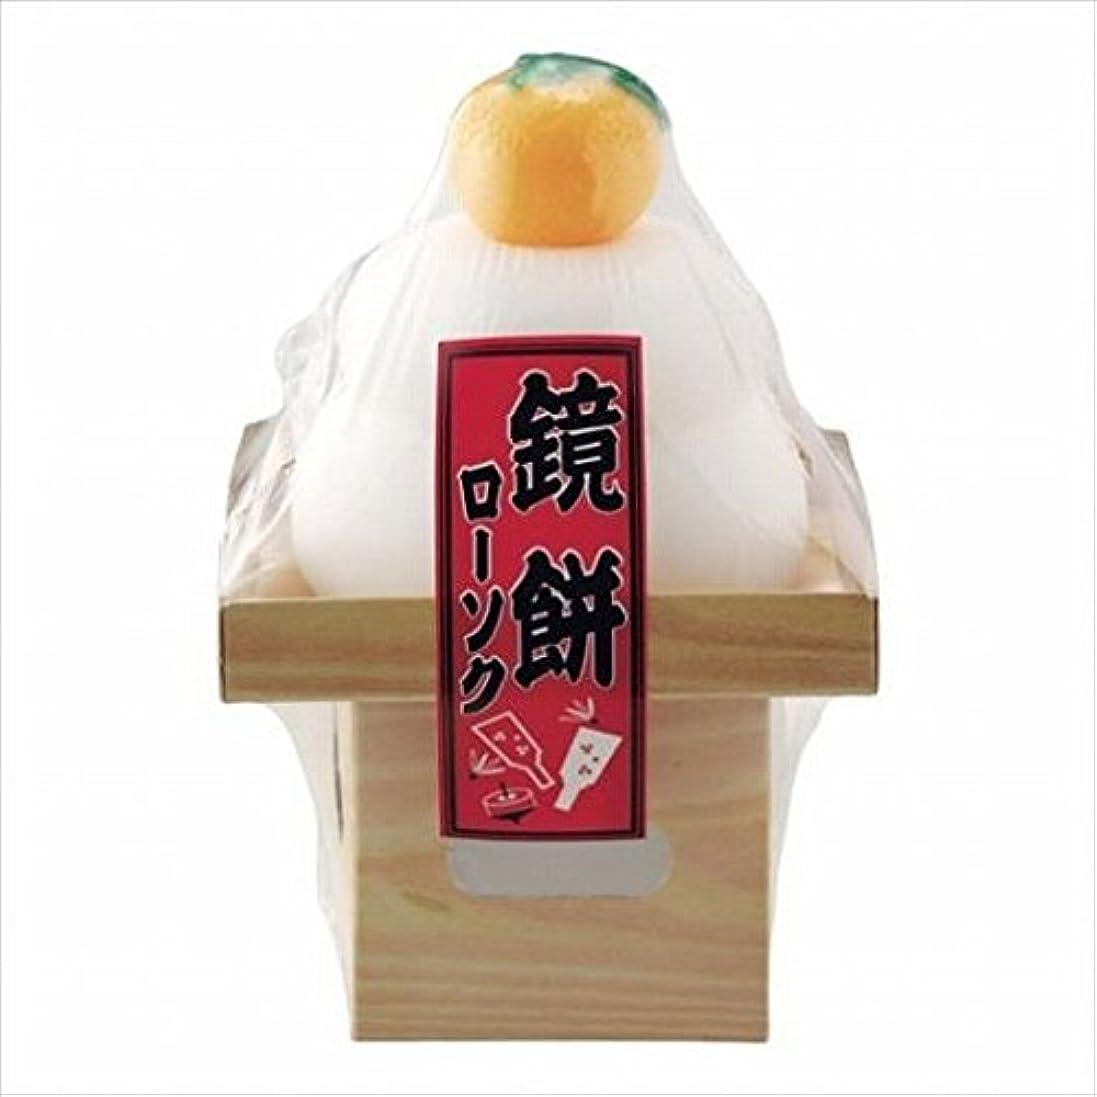 ペフテレマコス本質的にkameyama candle(カメヤマキャンドル) 鏡餅ローソク キャンドル(21500000)